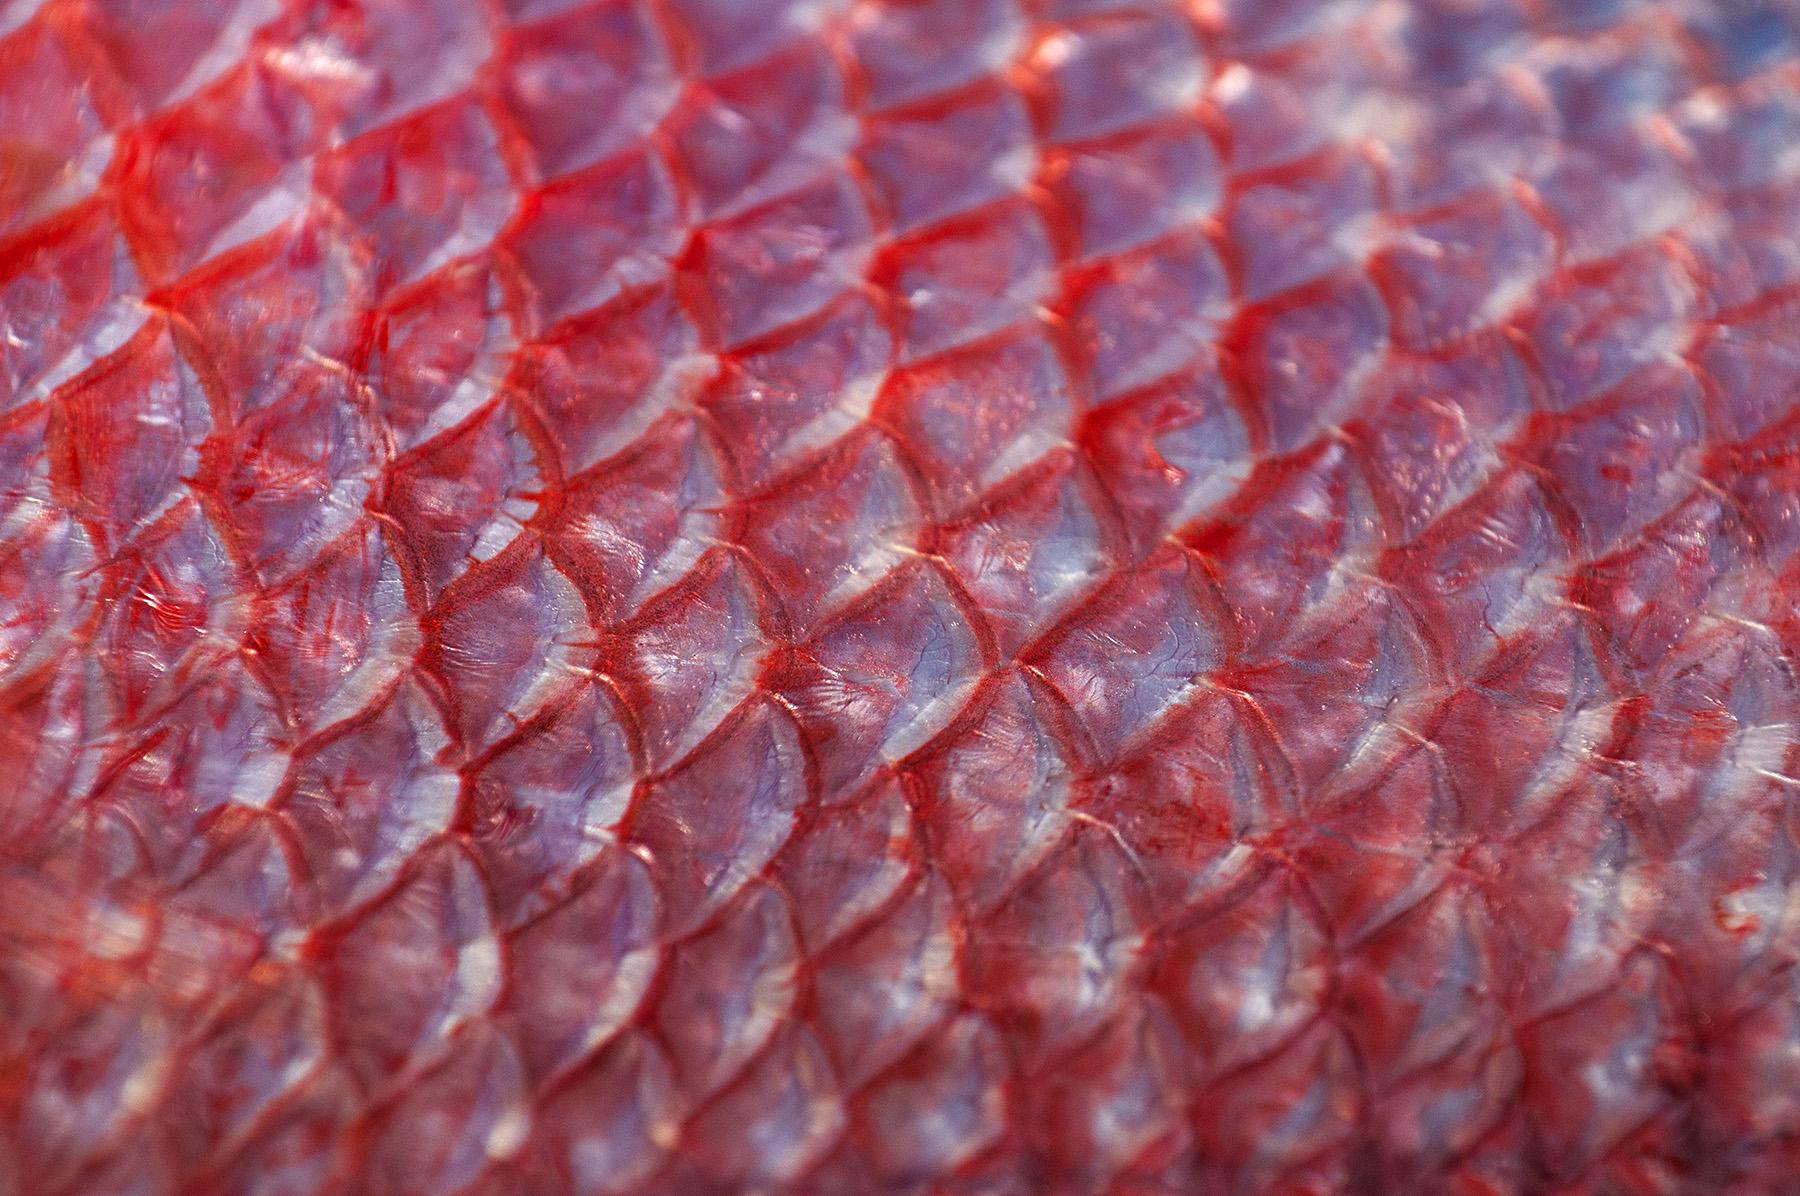 snapper scales closeup. nikon d300s, 200mm, f/7.1, 1/640 sec